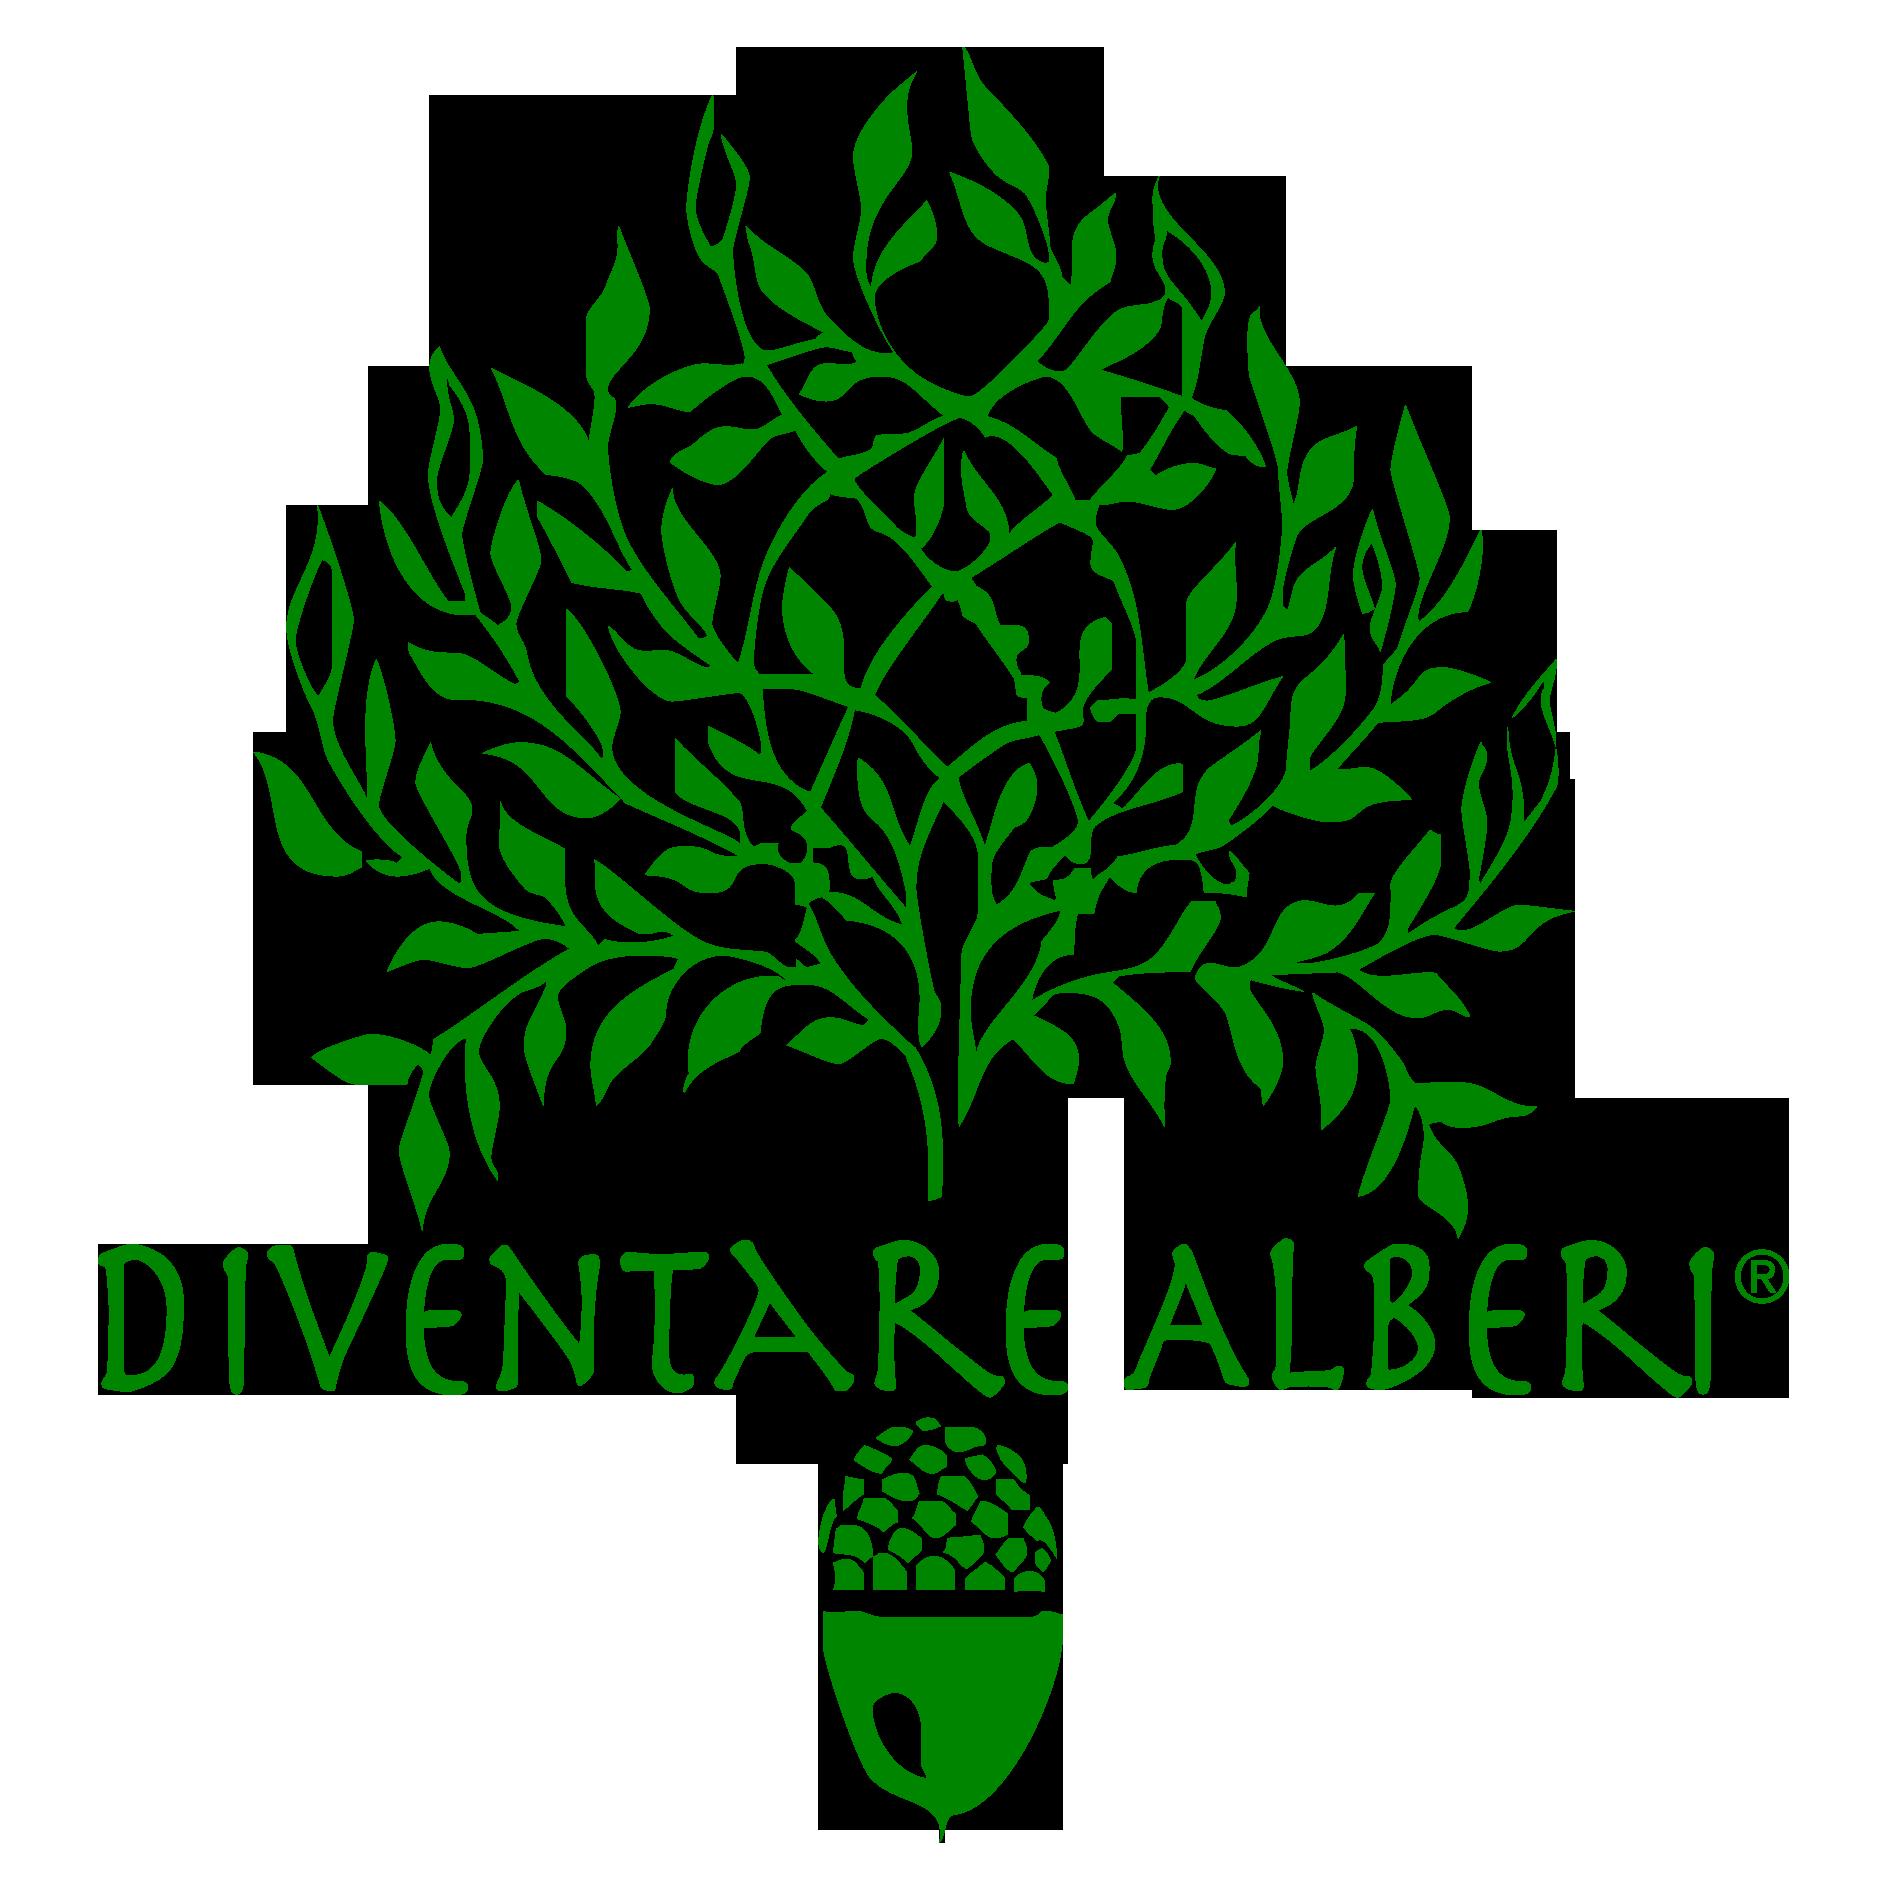 diventare alberi logo